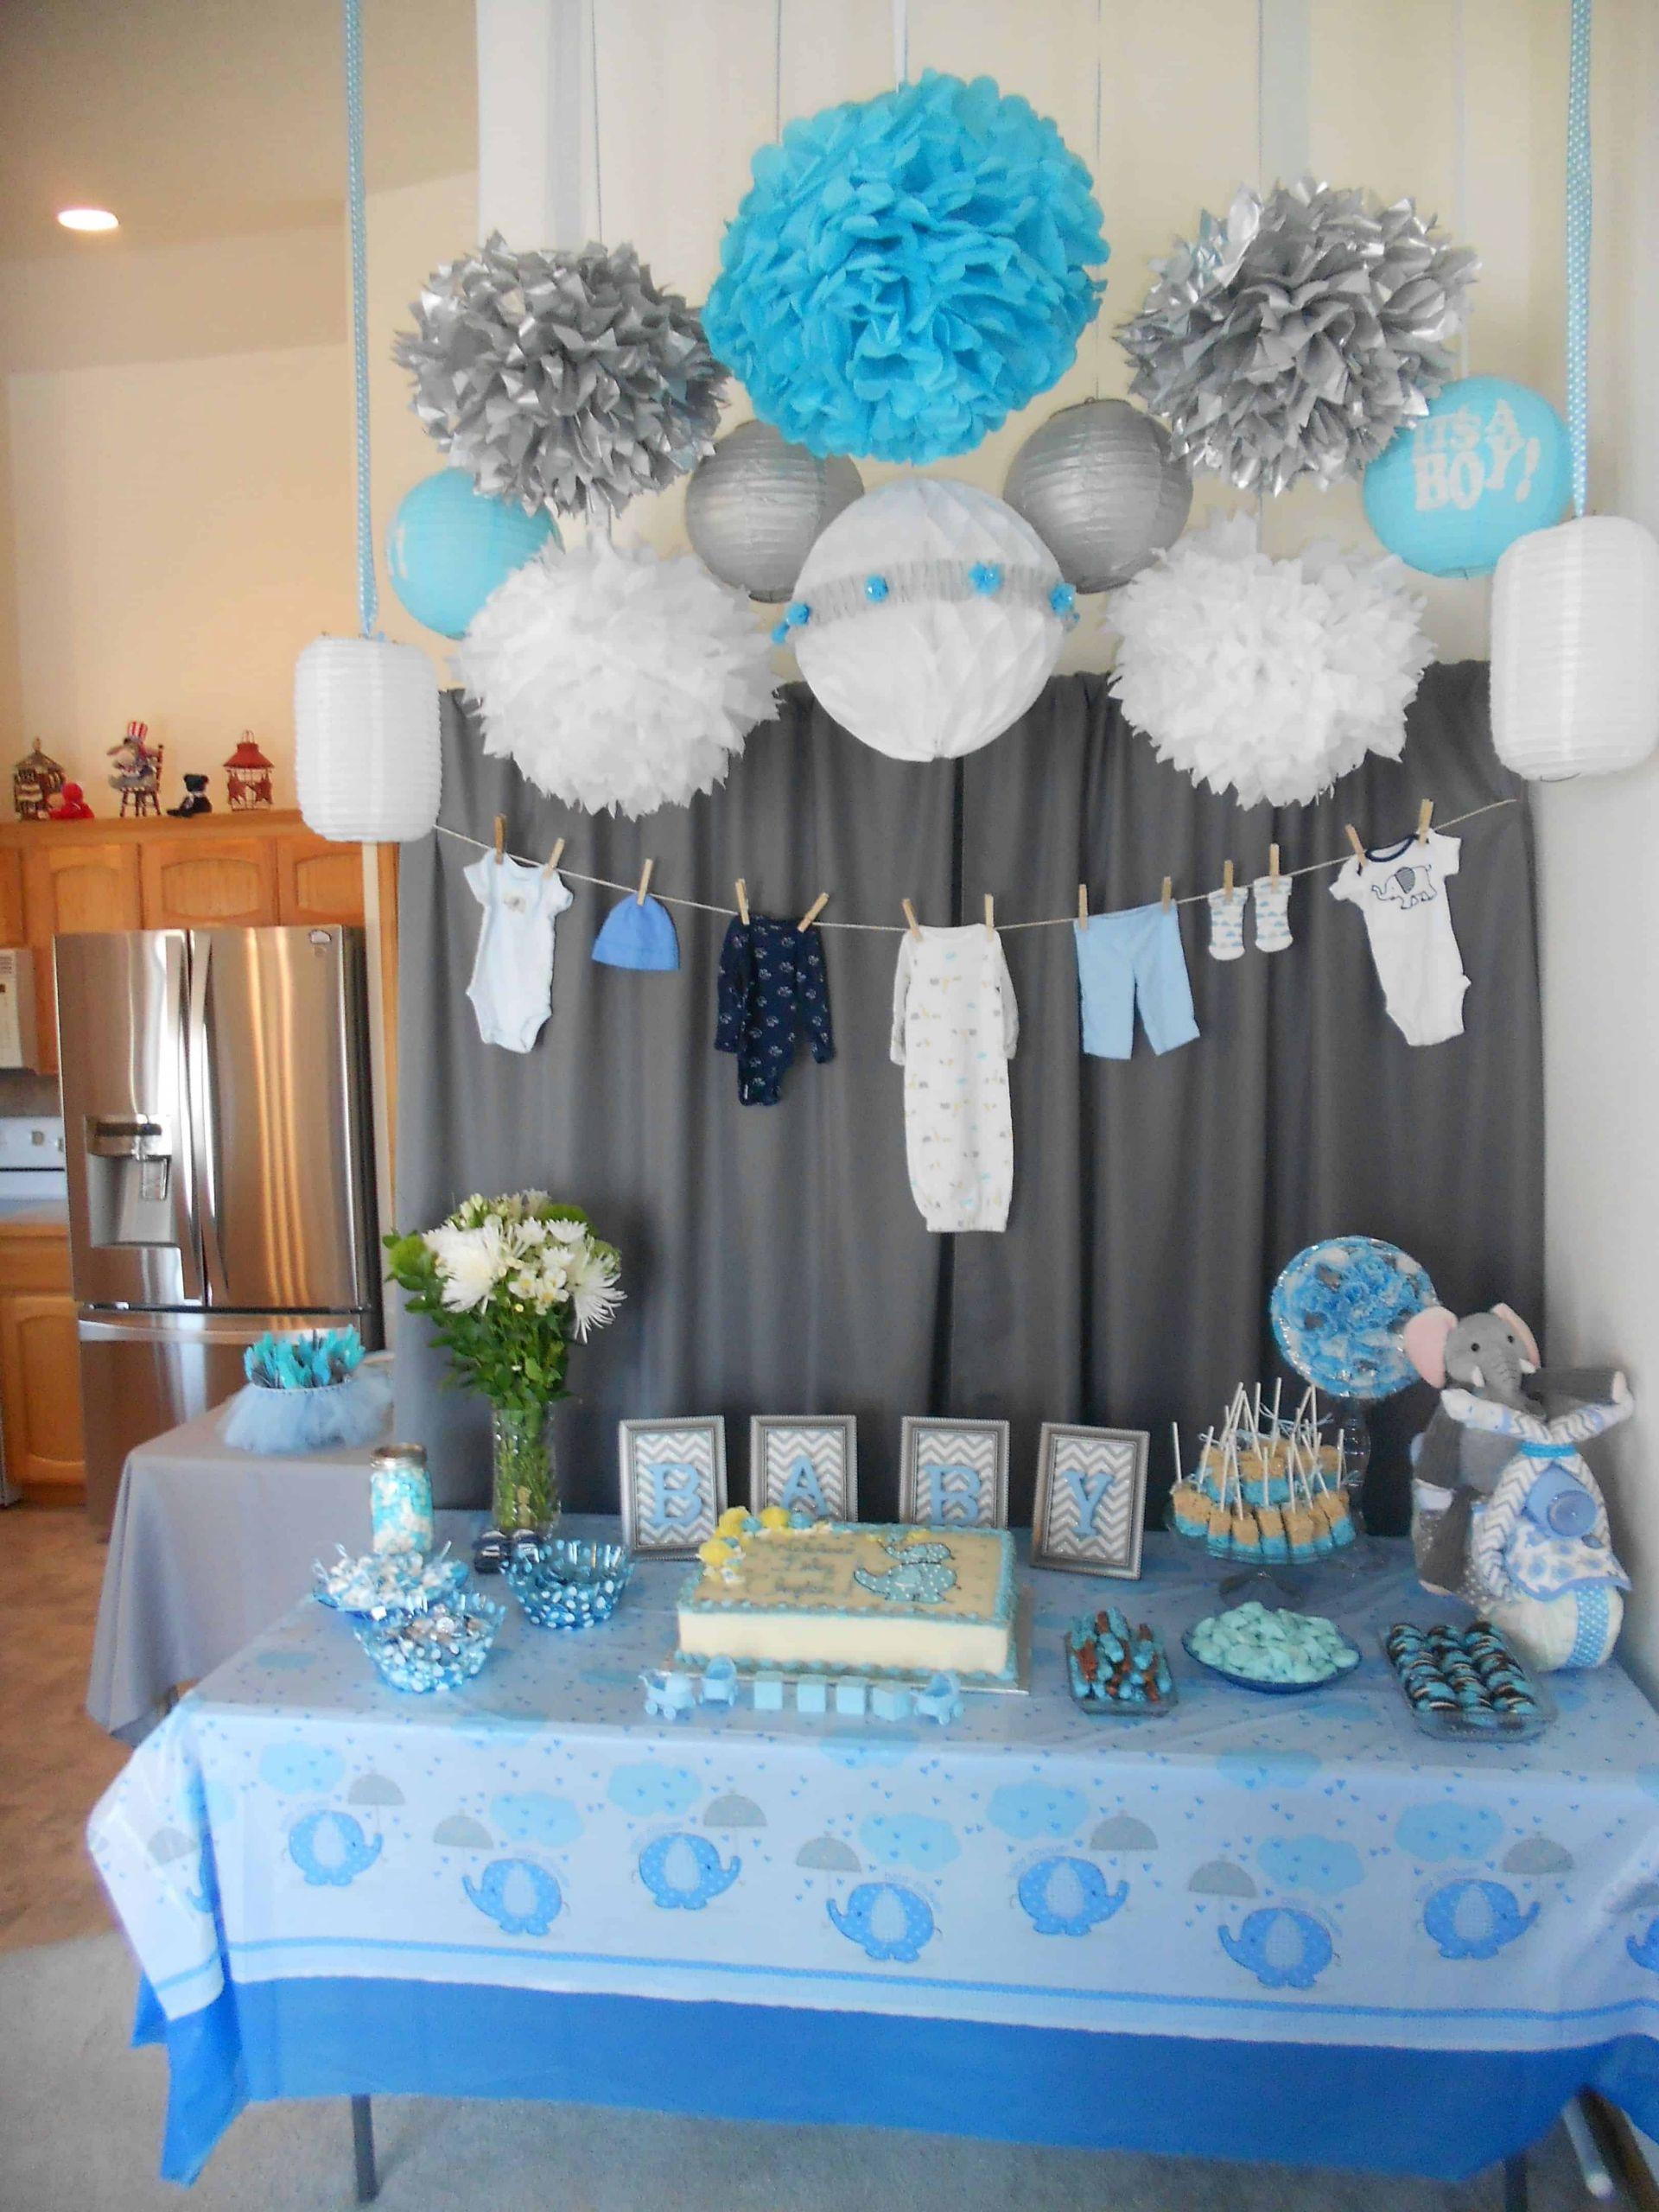 Boy Baby Shower Decor Unique 17 Unique Baby Shower Ideas for Boys